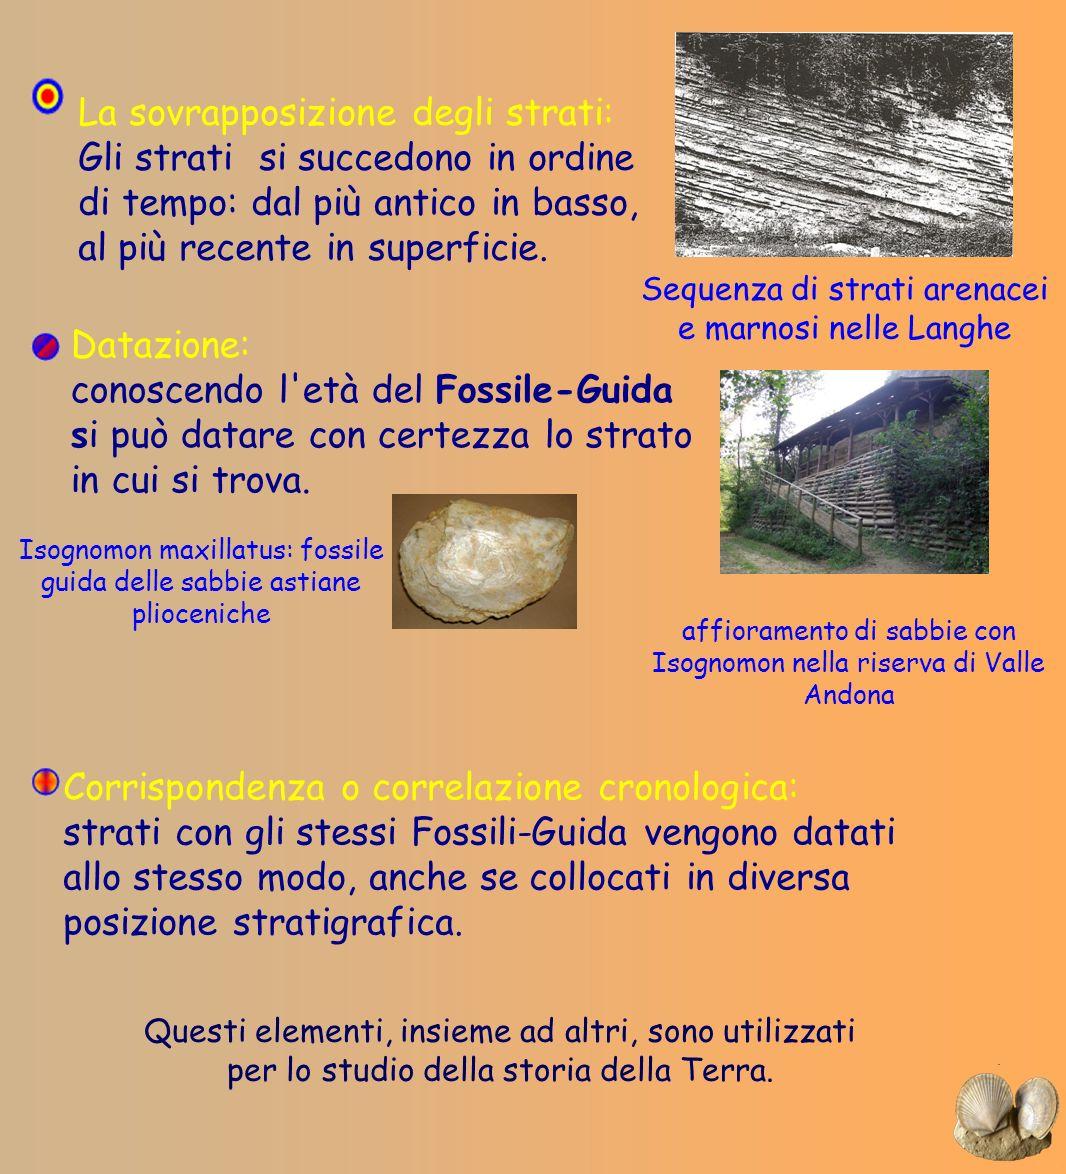 Datazione: conoscendo l'età del Fossile-Guida si può datare con certezza lo strato in cui si trova. Corrispondenza o correlazione cronologica: strati